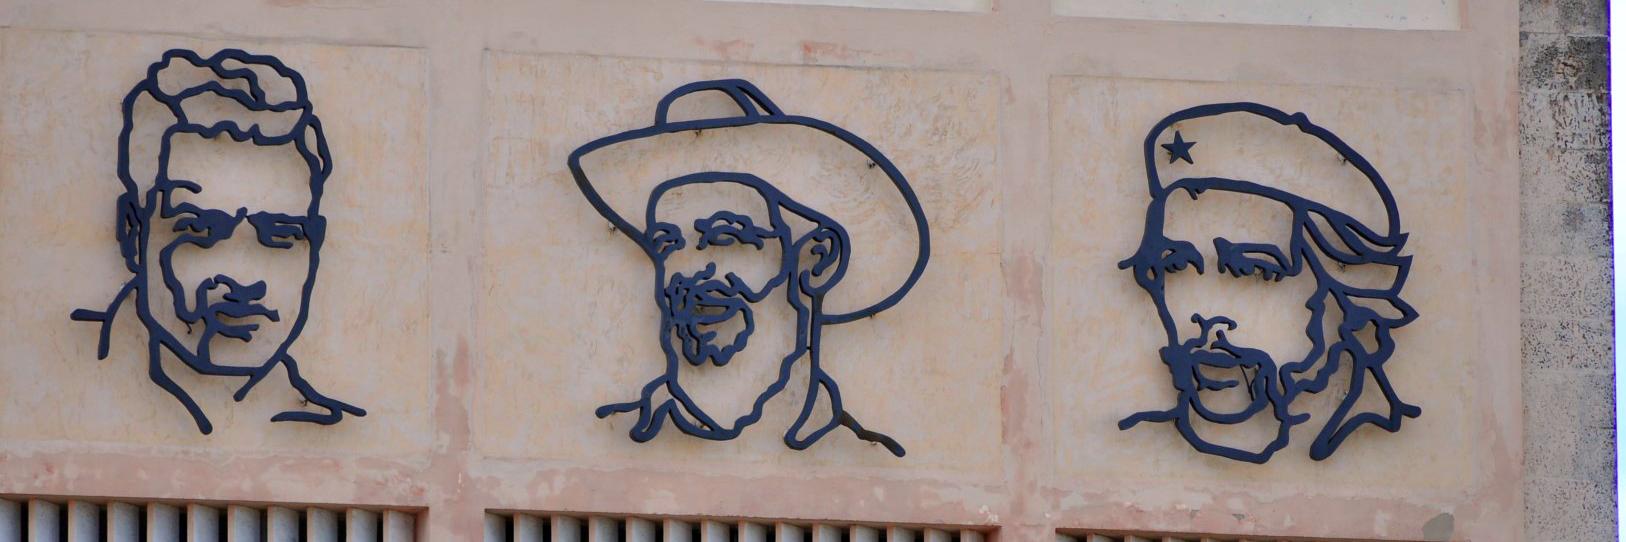 Qué ver en La Habana, Cuba qué ver en la habana, cuba - 30472651973 05ac78b278 o - Qué ver en La Habana, Cuba